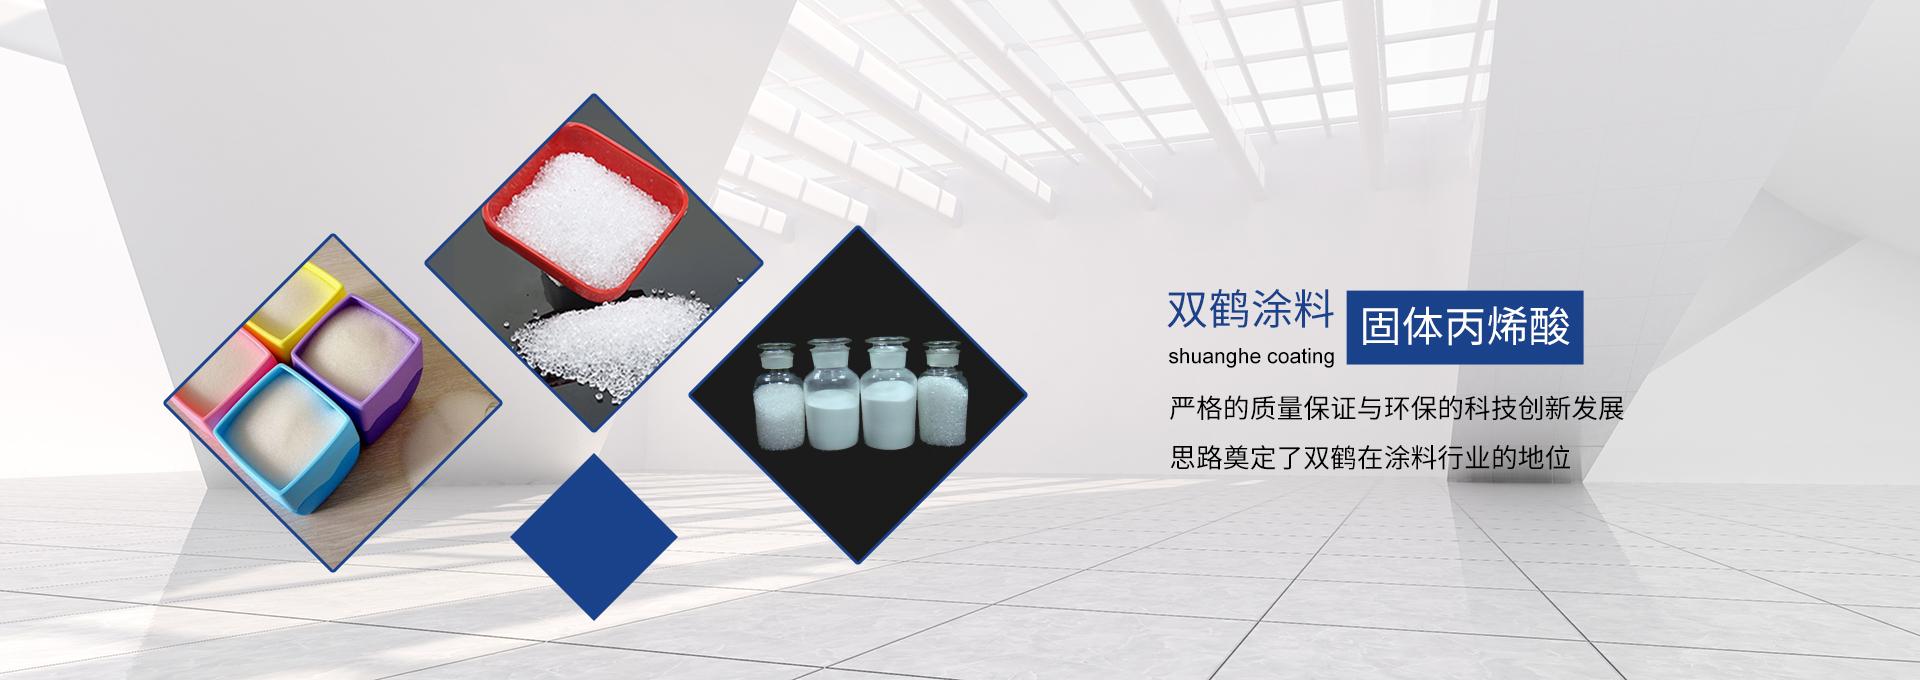 固体丙烯酸树脂